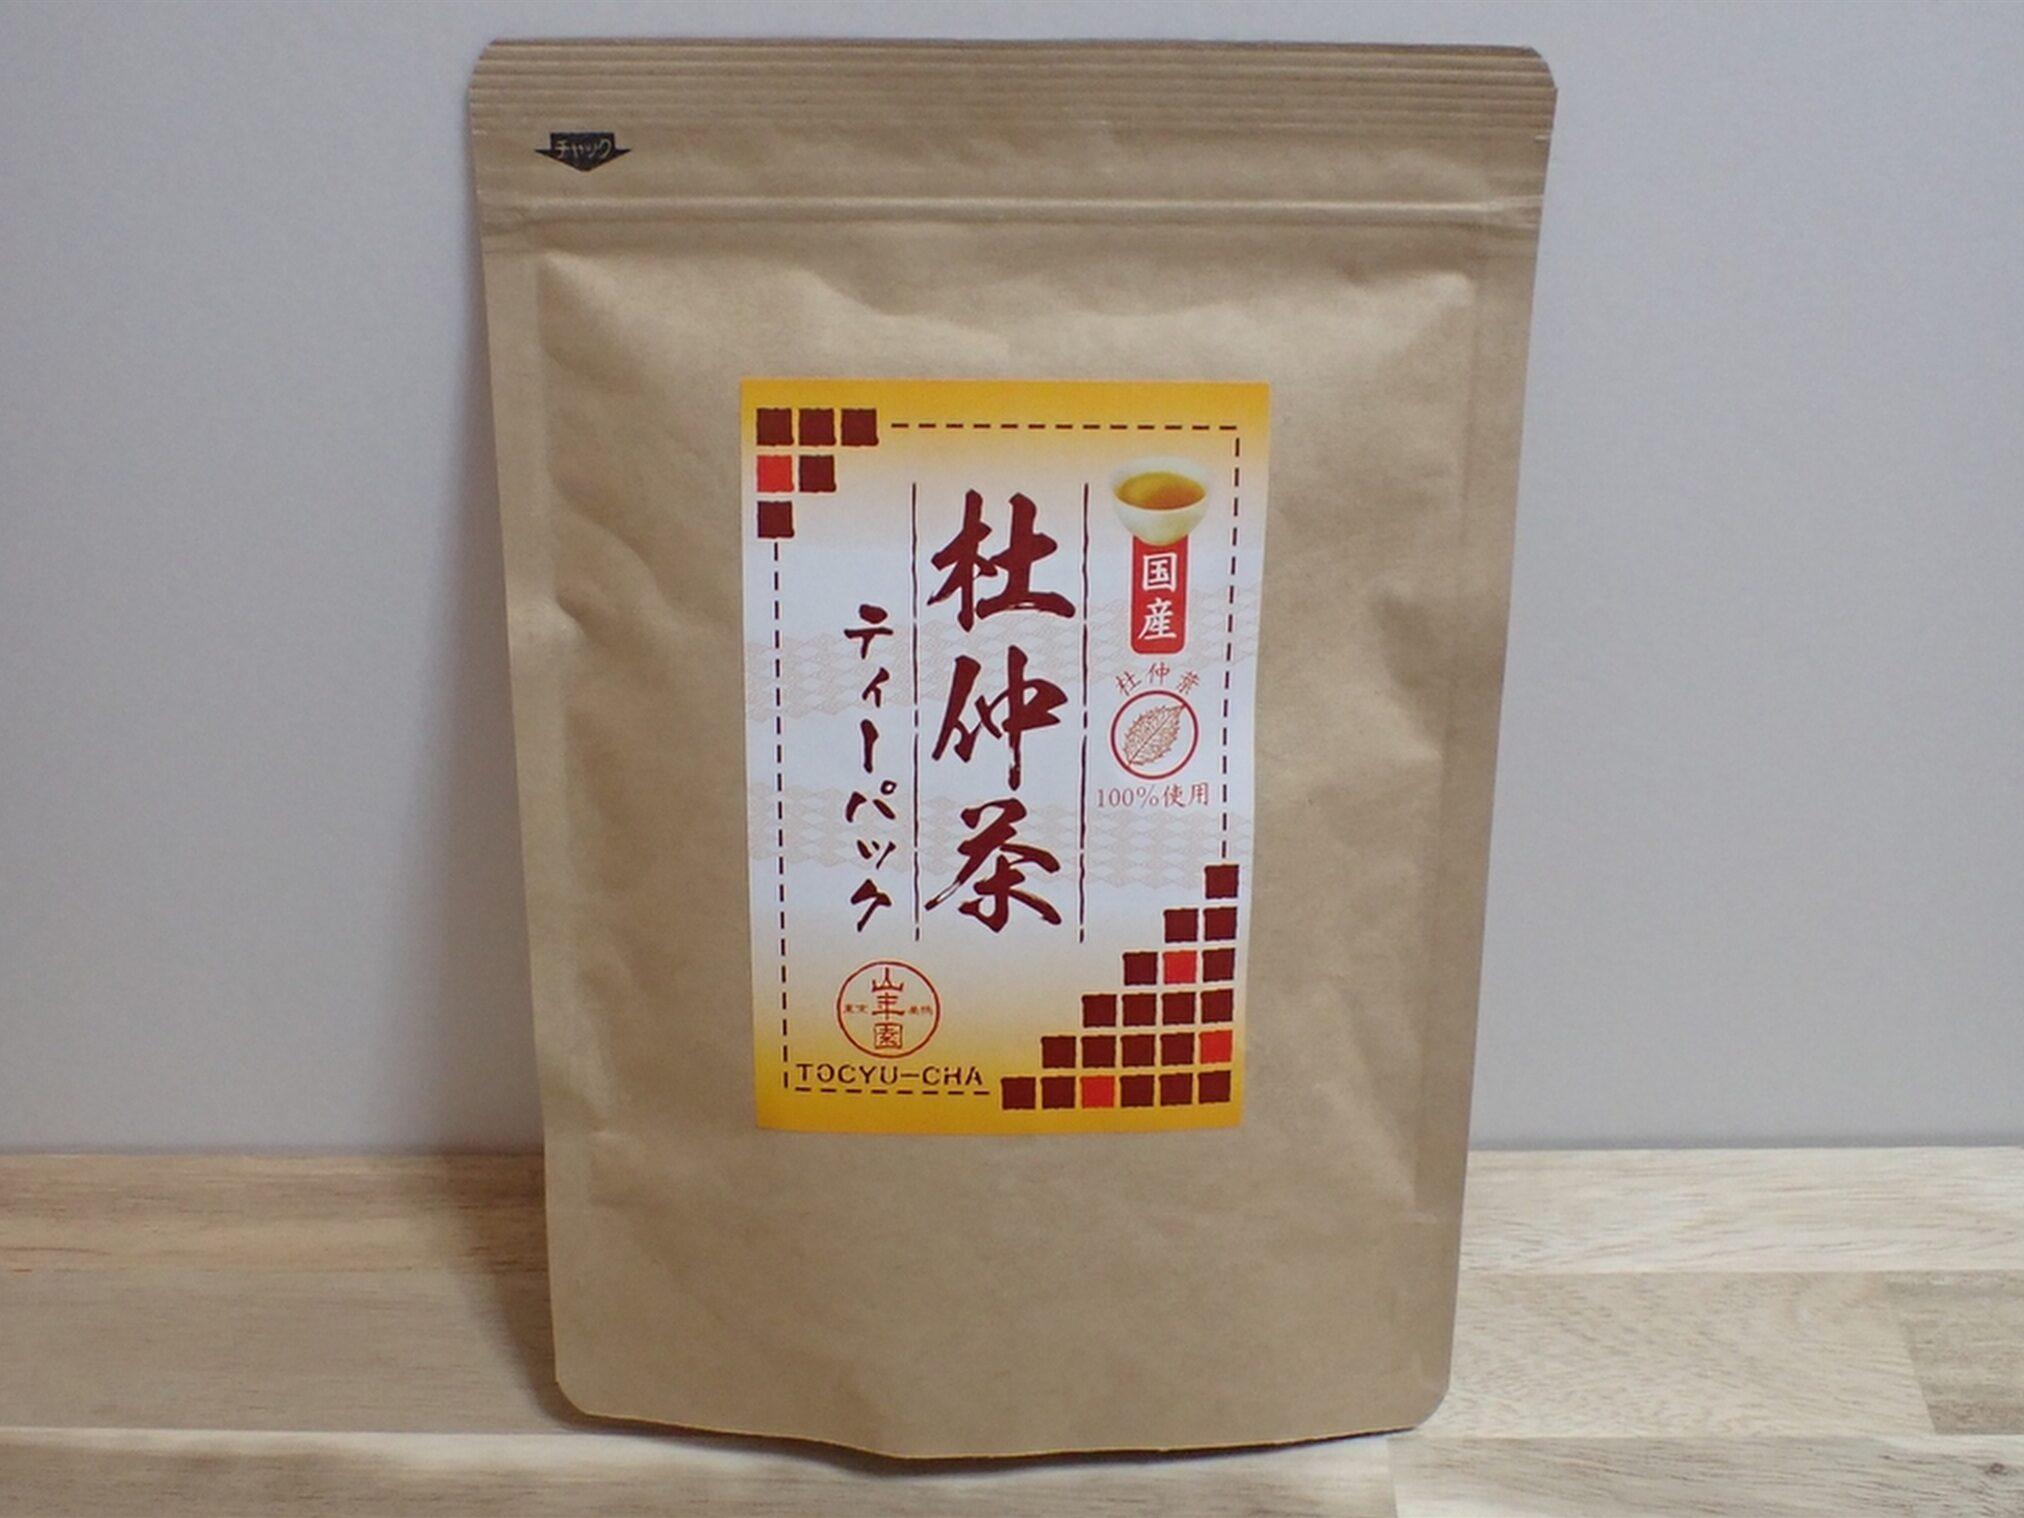 有限会社山年園 杜仲茶 国産 健康茶 パッケージ写真